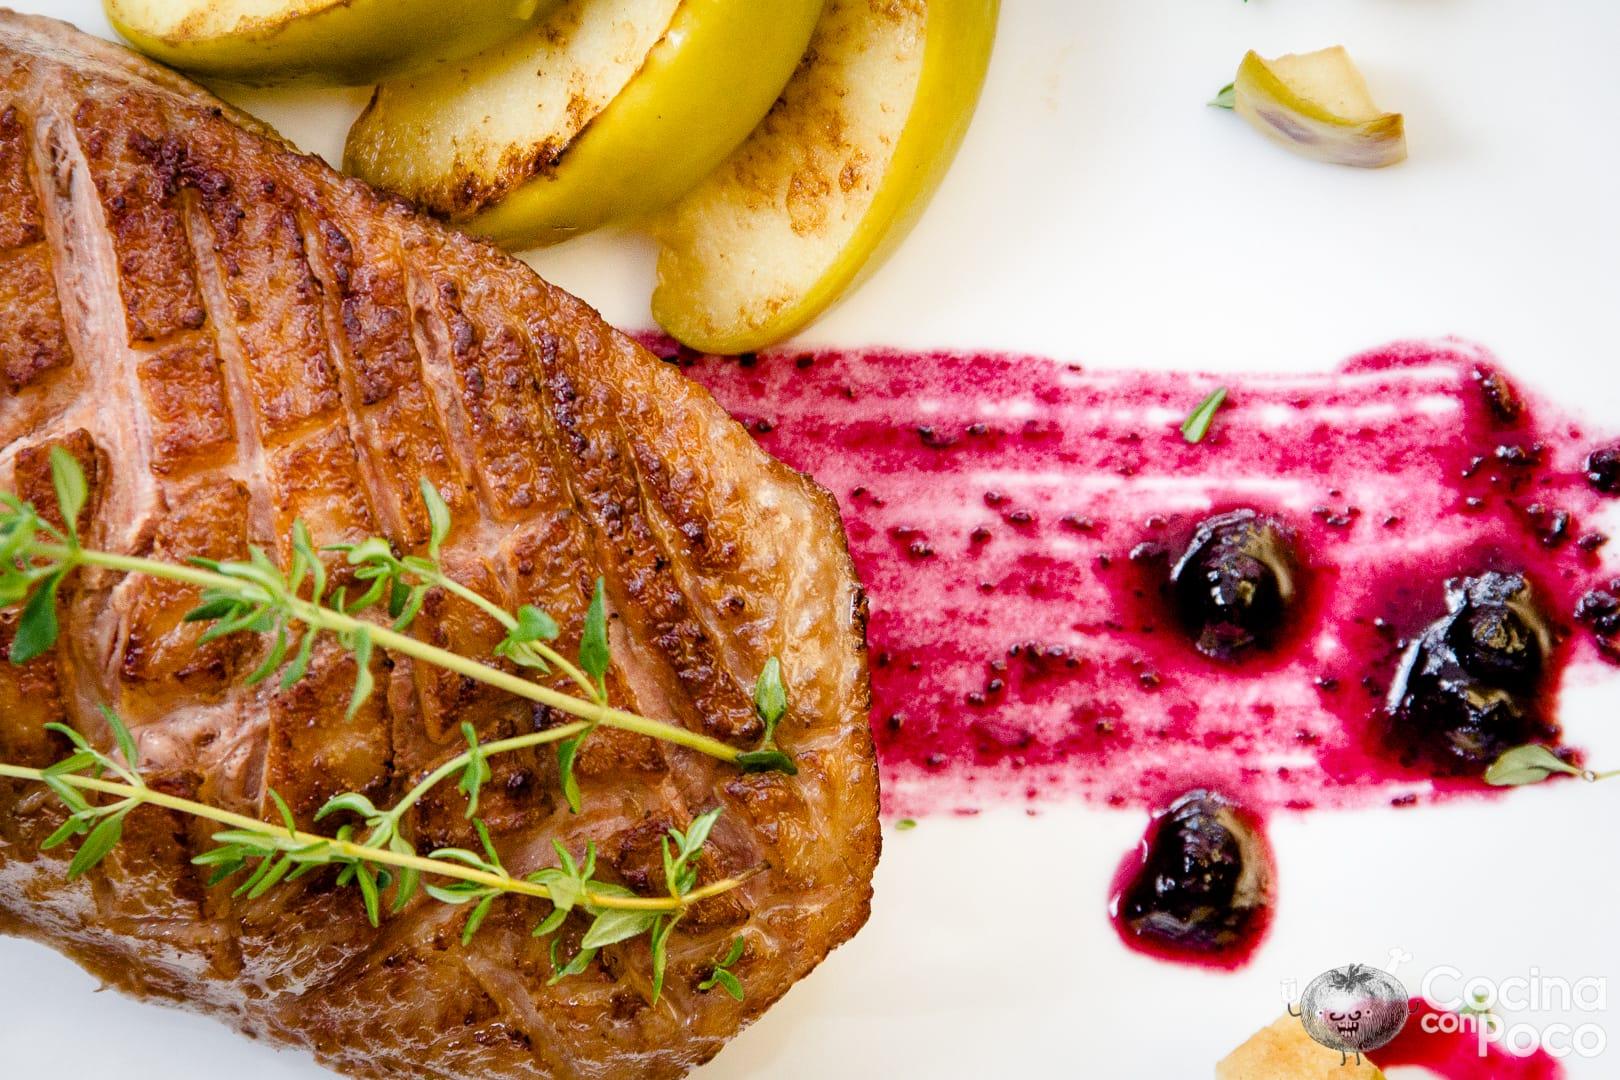 Magret de pato con salsa arándanos o frutos rojos